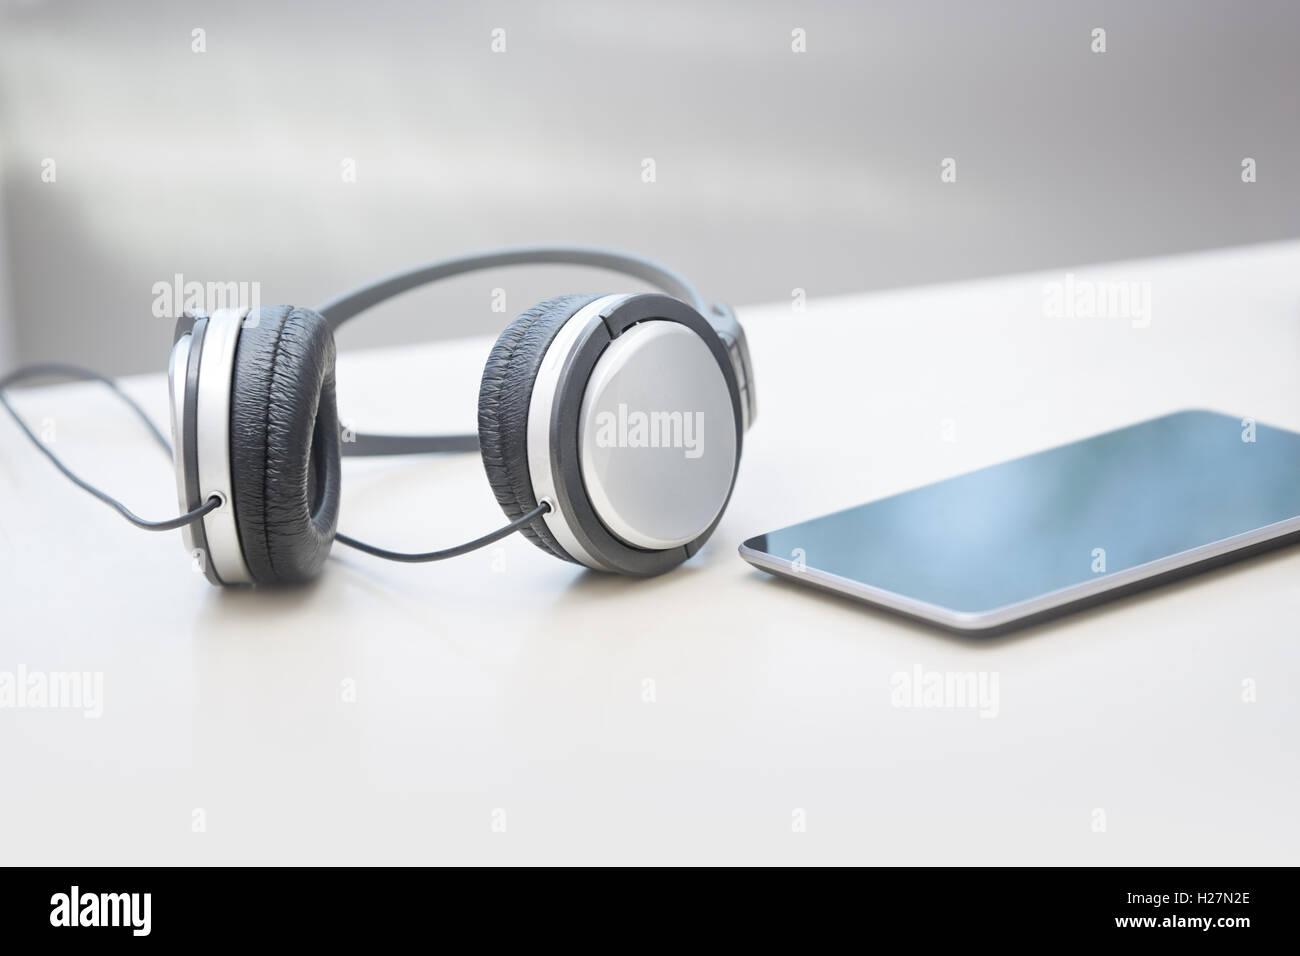 Écouteurs et tablette numérique sur une table Photo Stock